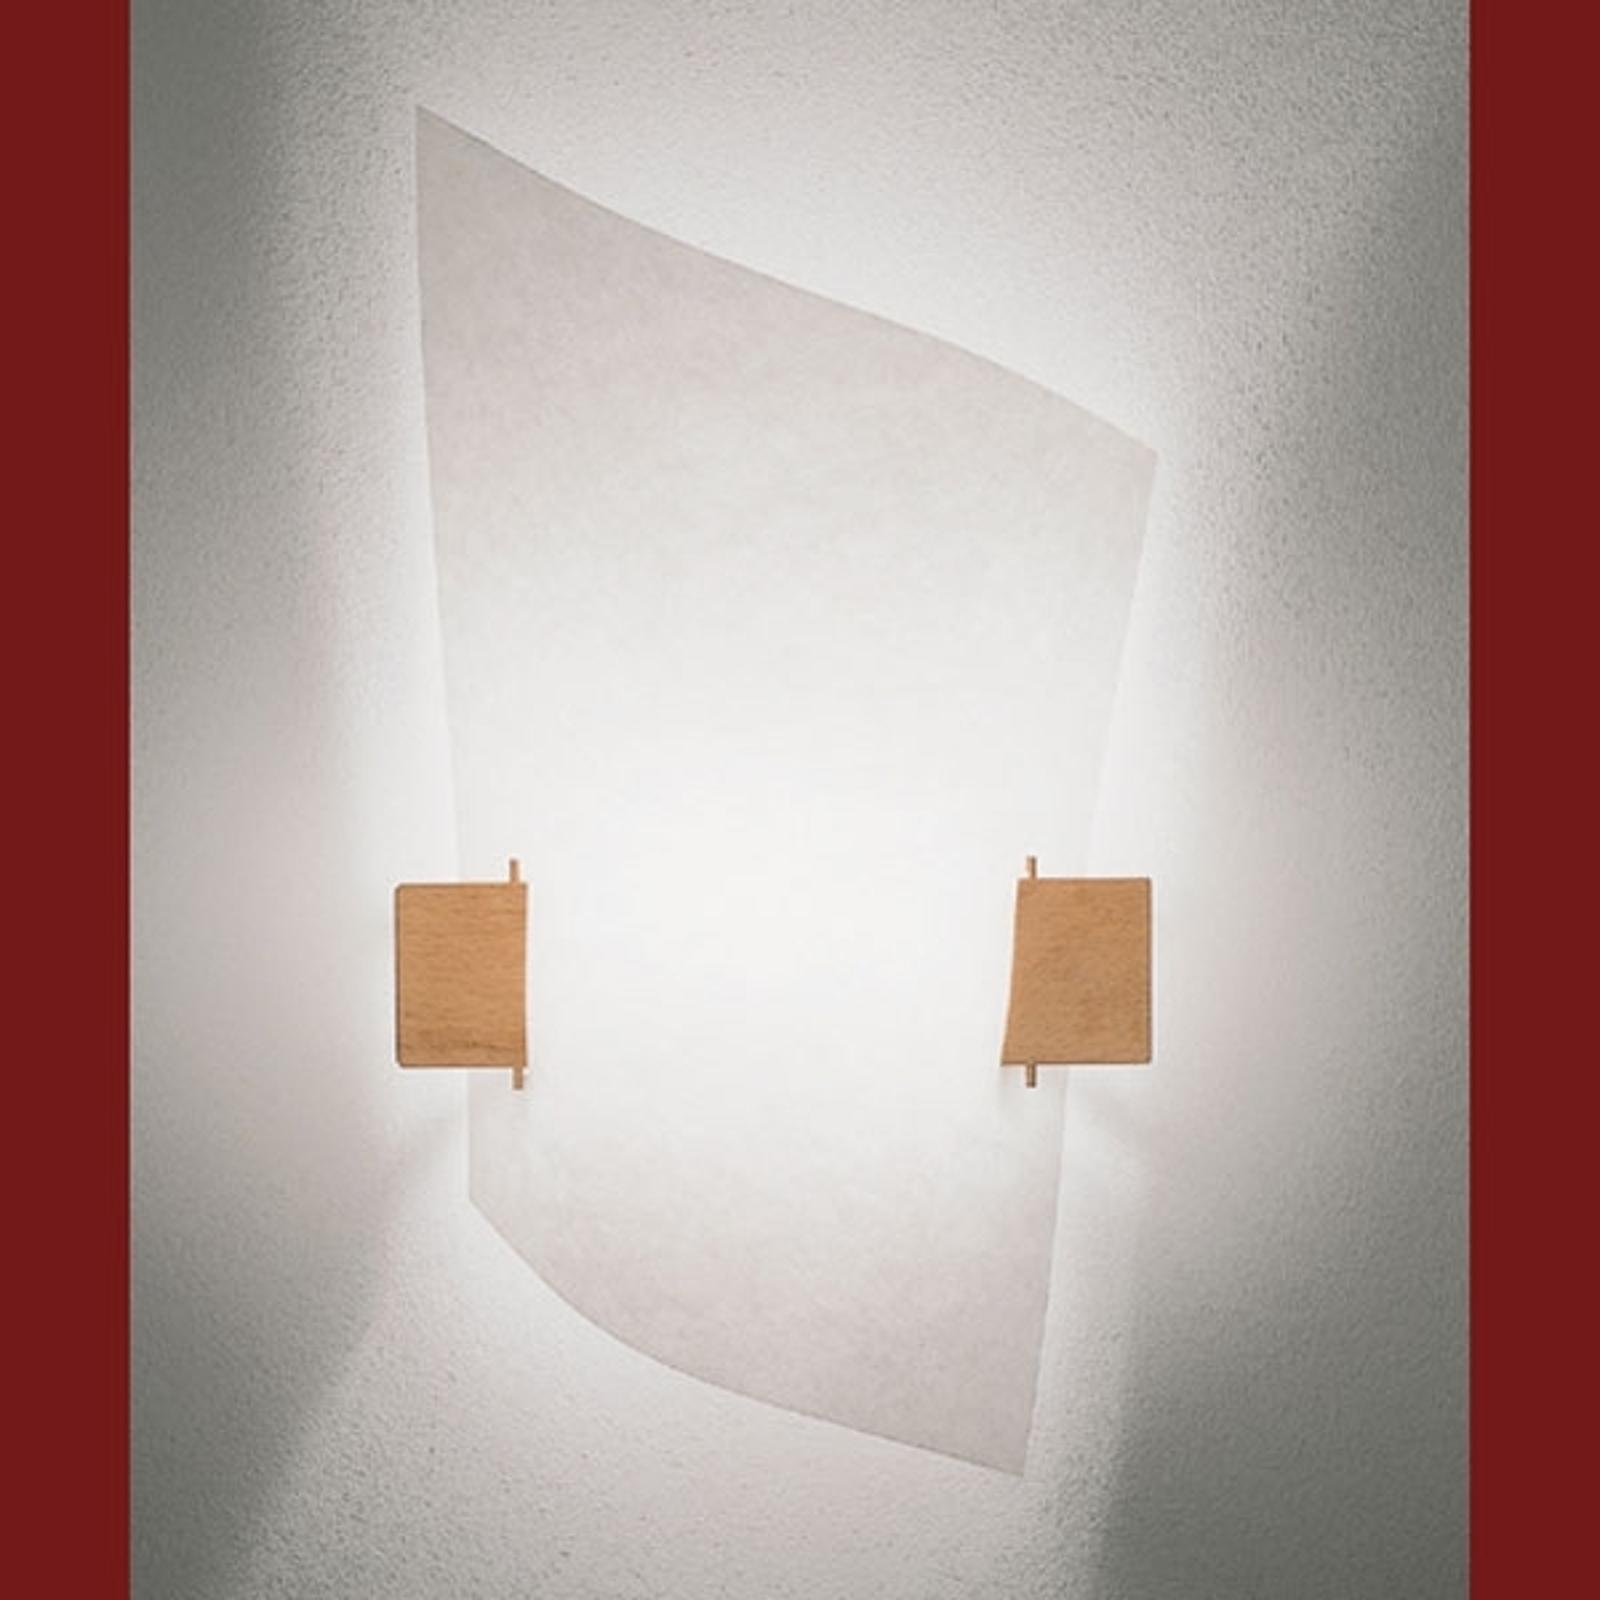 Dizajnérske nástenné svietidlo PLAN B_2600019_1